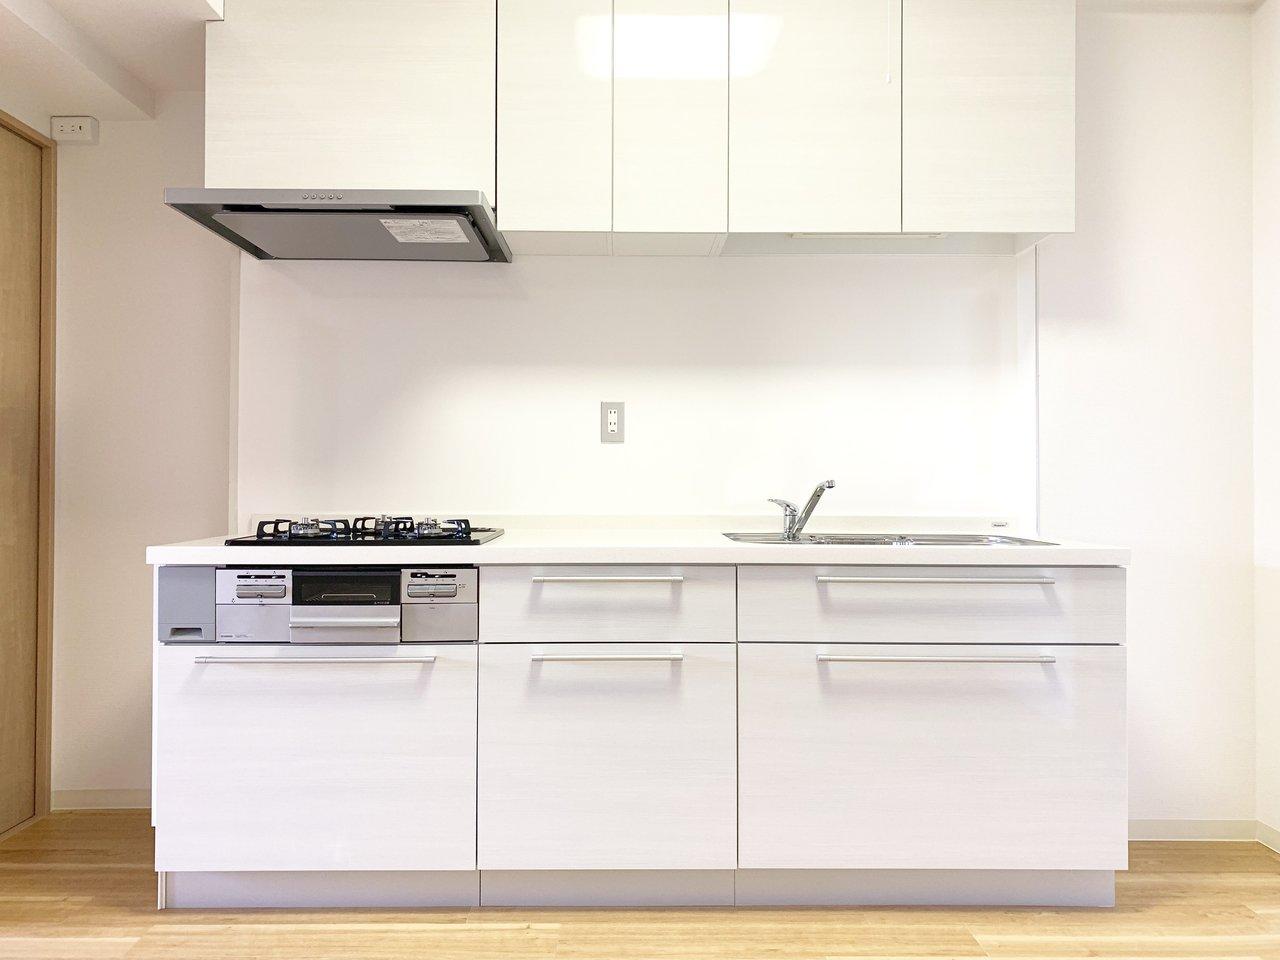 特にキッチンがすごくて、大きくてきれいなのはもちろん、3口コンロにグリル付きとスペックも満点です。これは毎日の料理が楽しくなること、間違いなし。